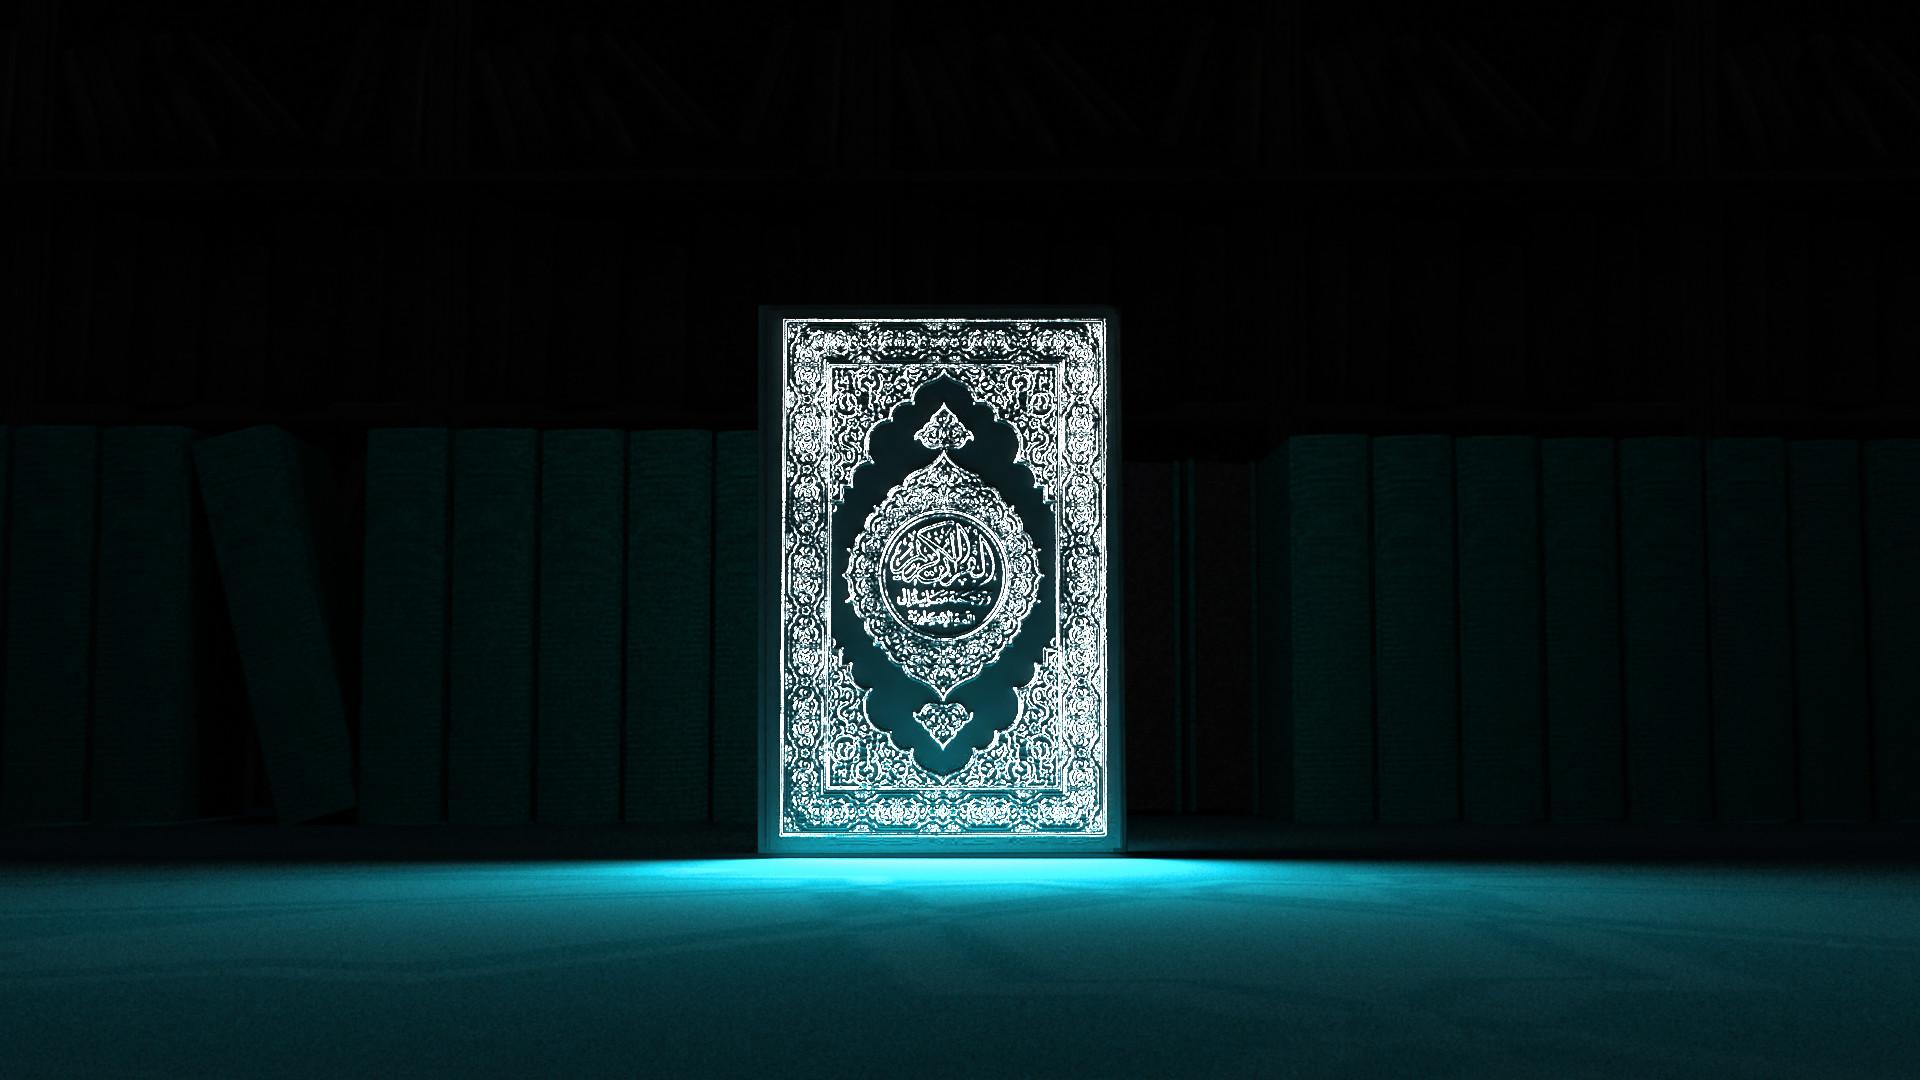 Quran Wallpaper (60+ Images